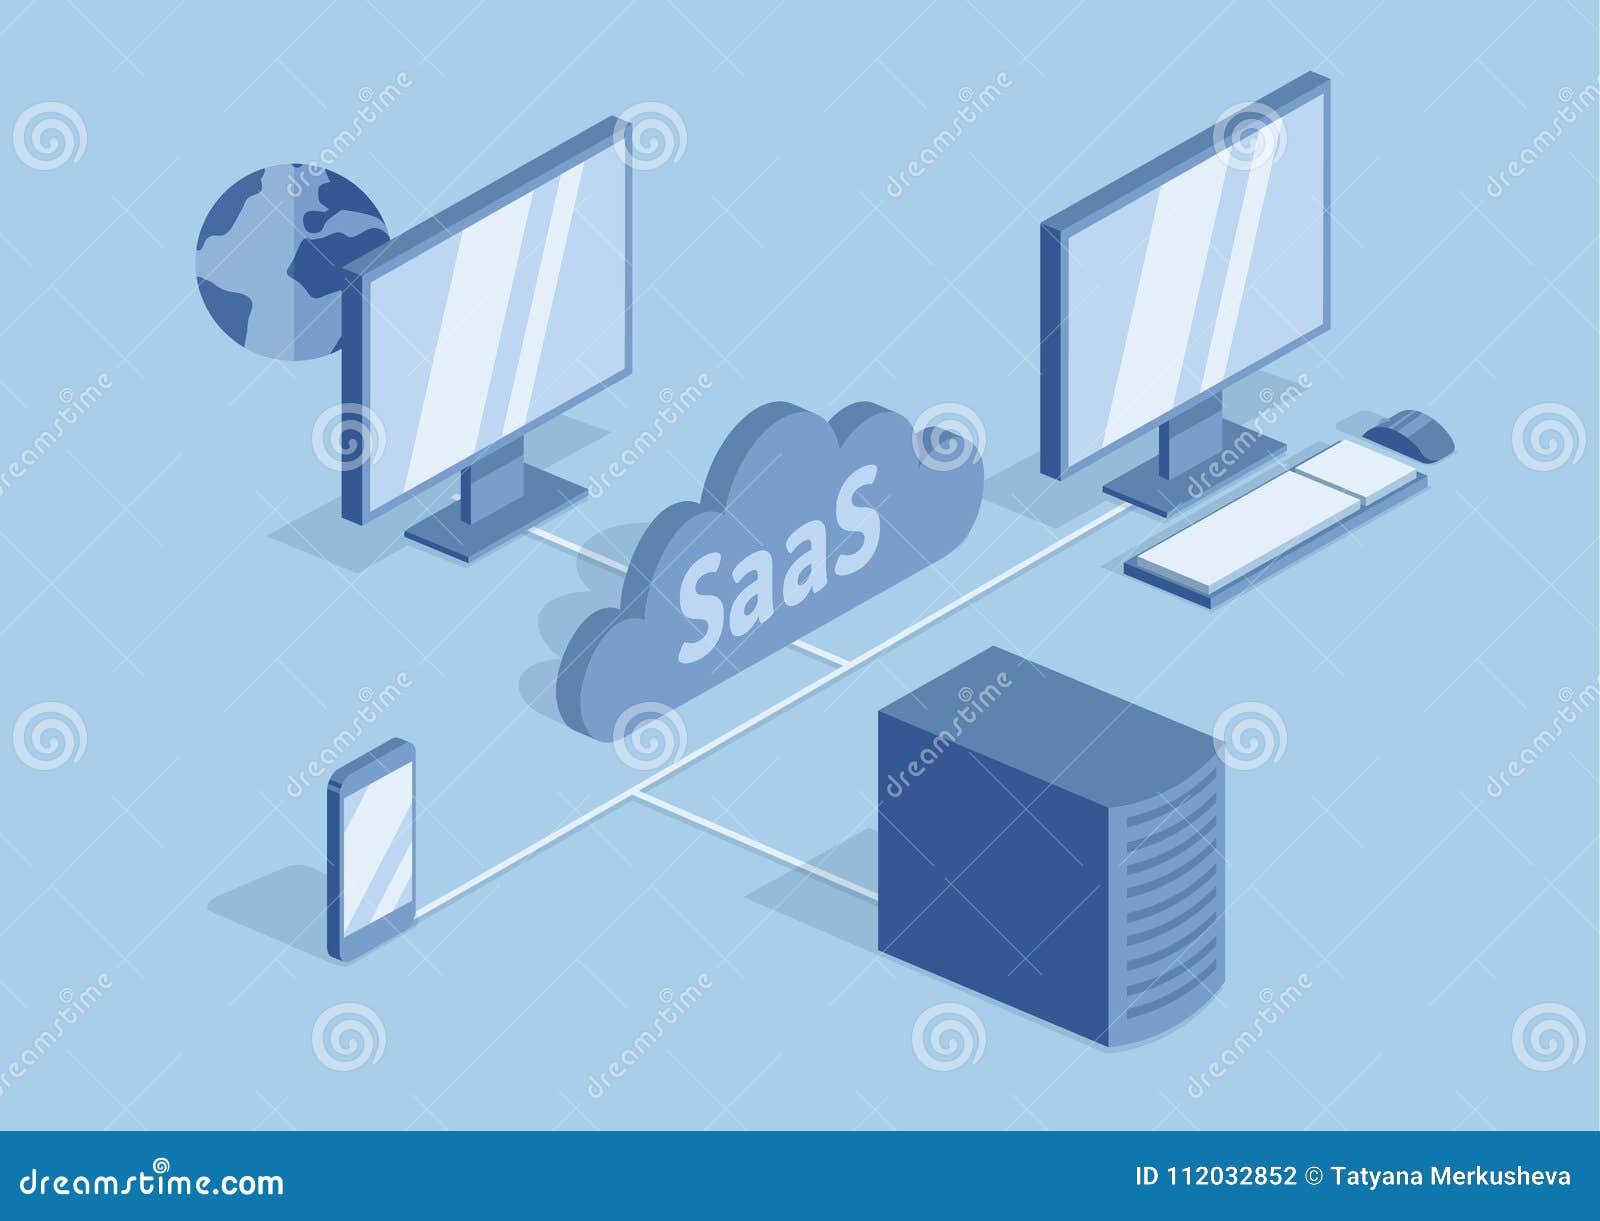 Pojęcie SaaS, oprogramowanie jako usługa Obłoczny oprogramowanie na komputerach, urządzeniach przenośnych, kodach, app serwerze i